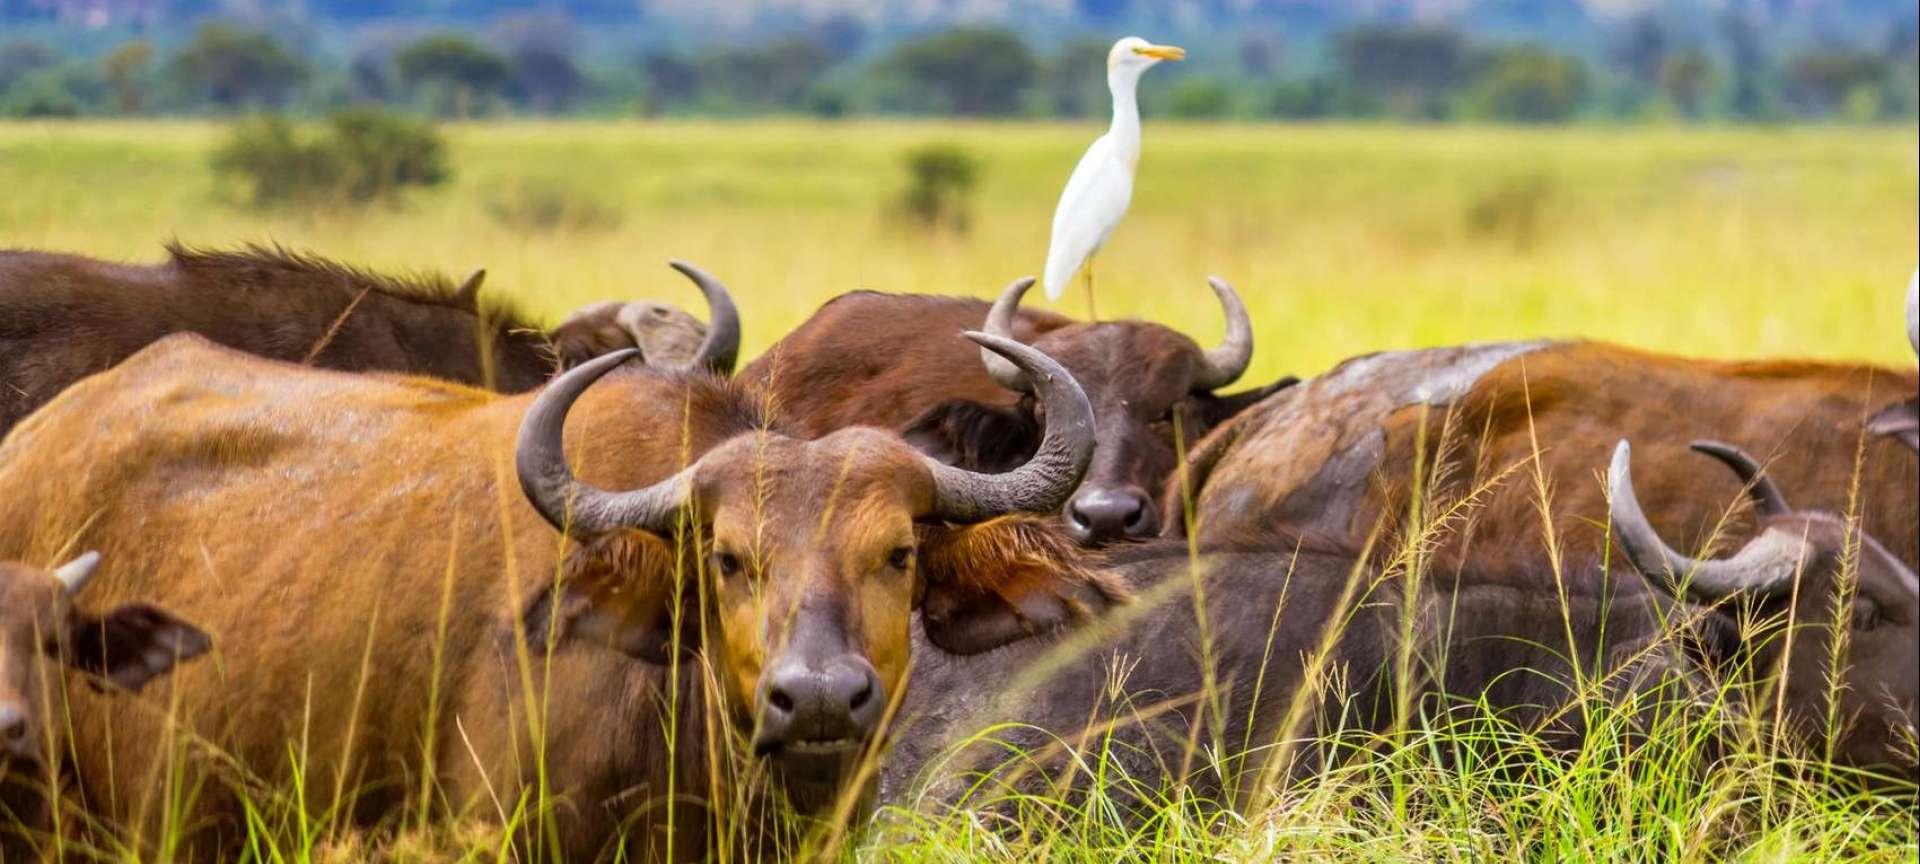 Ngorongoro Crater - Africa Wildlife Safaris